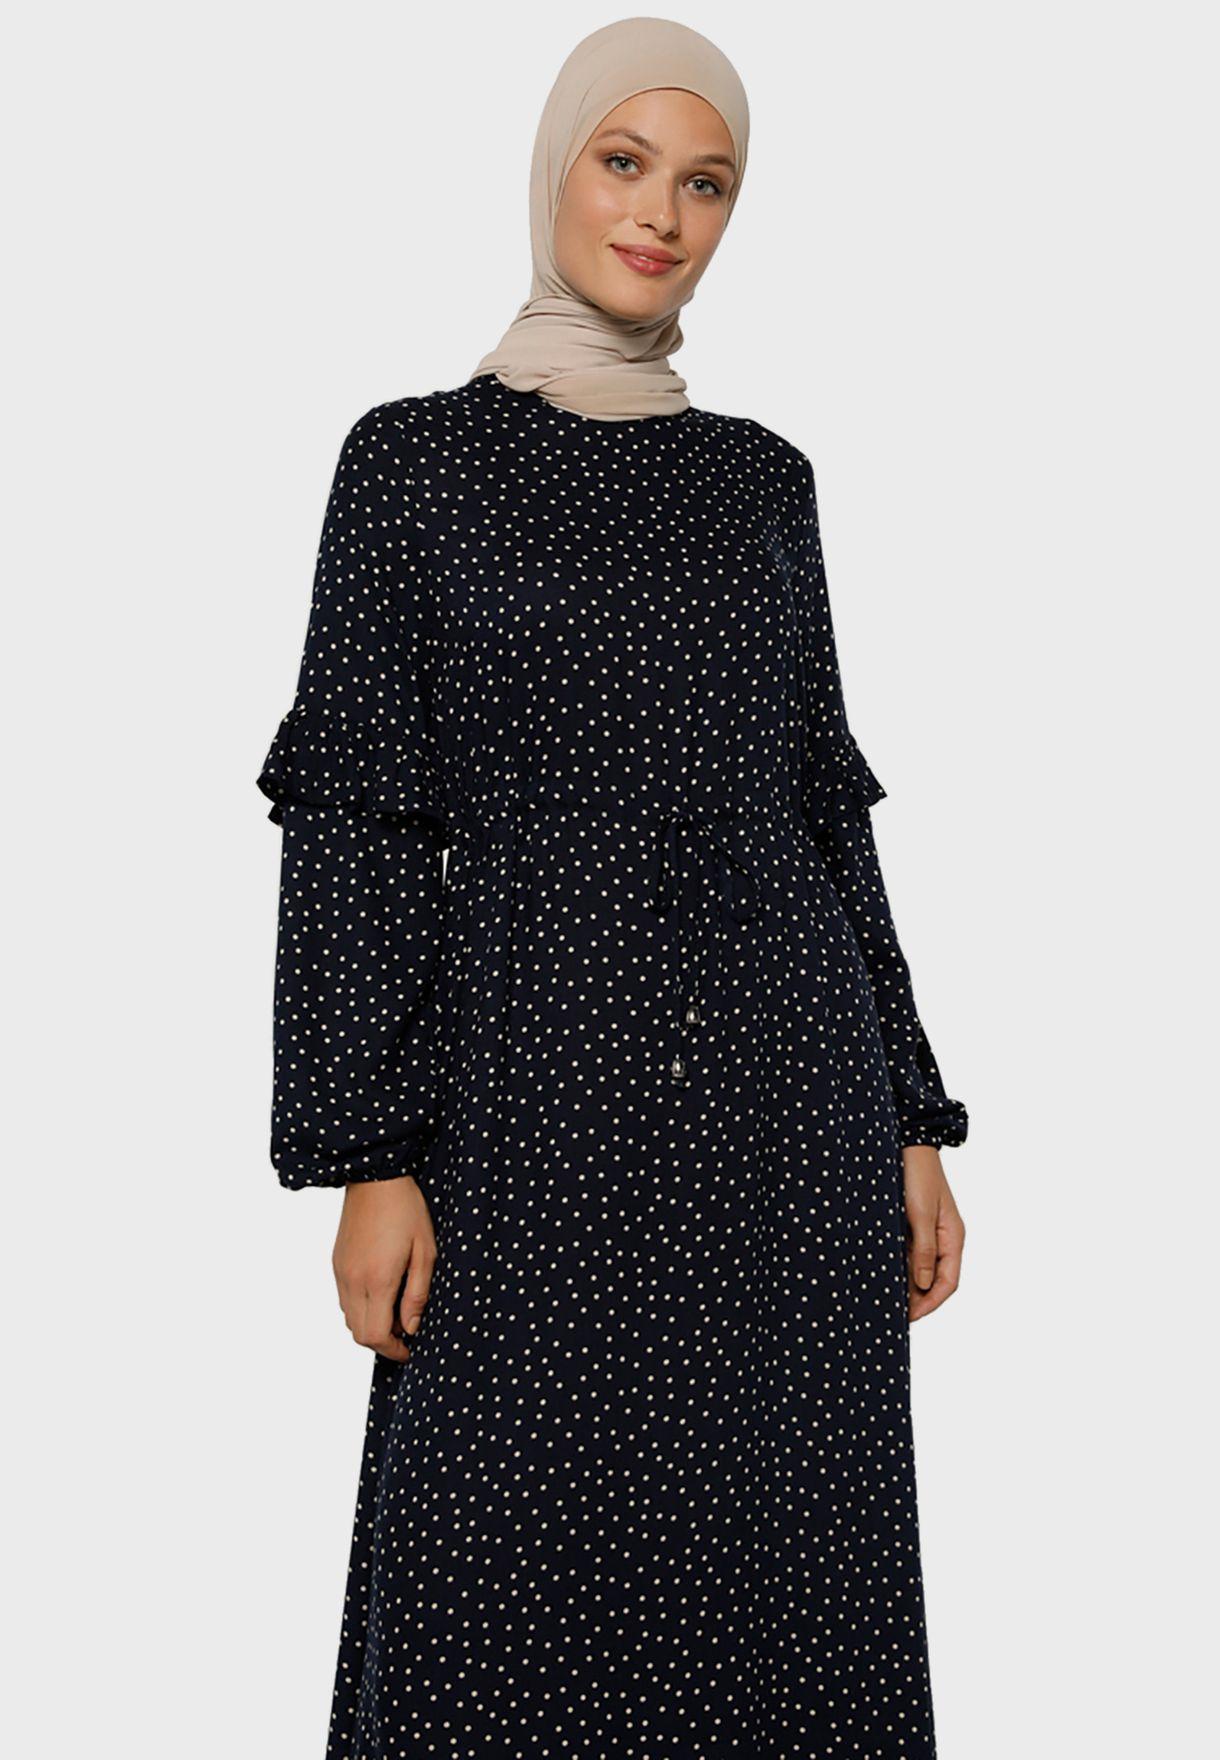 فستان مزين بطباعة نقاط